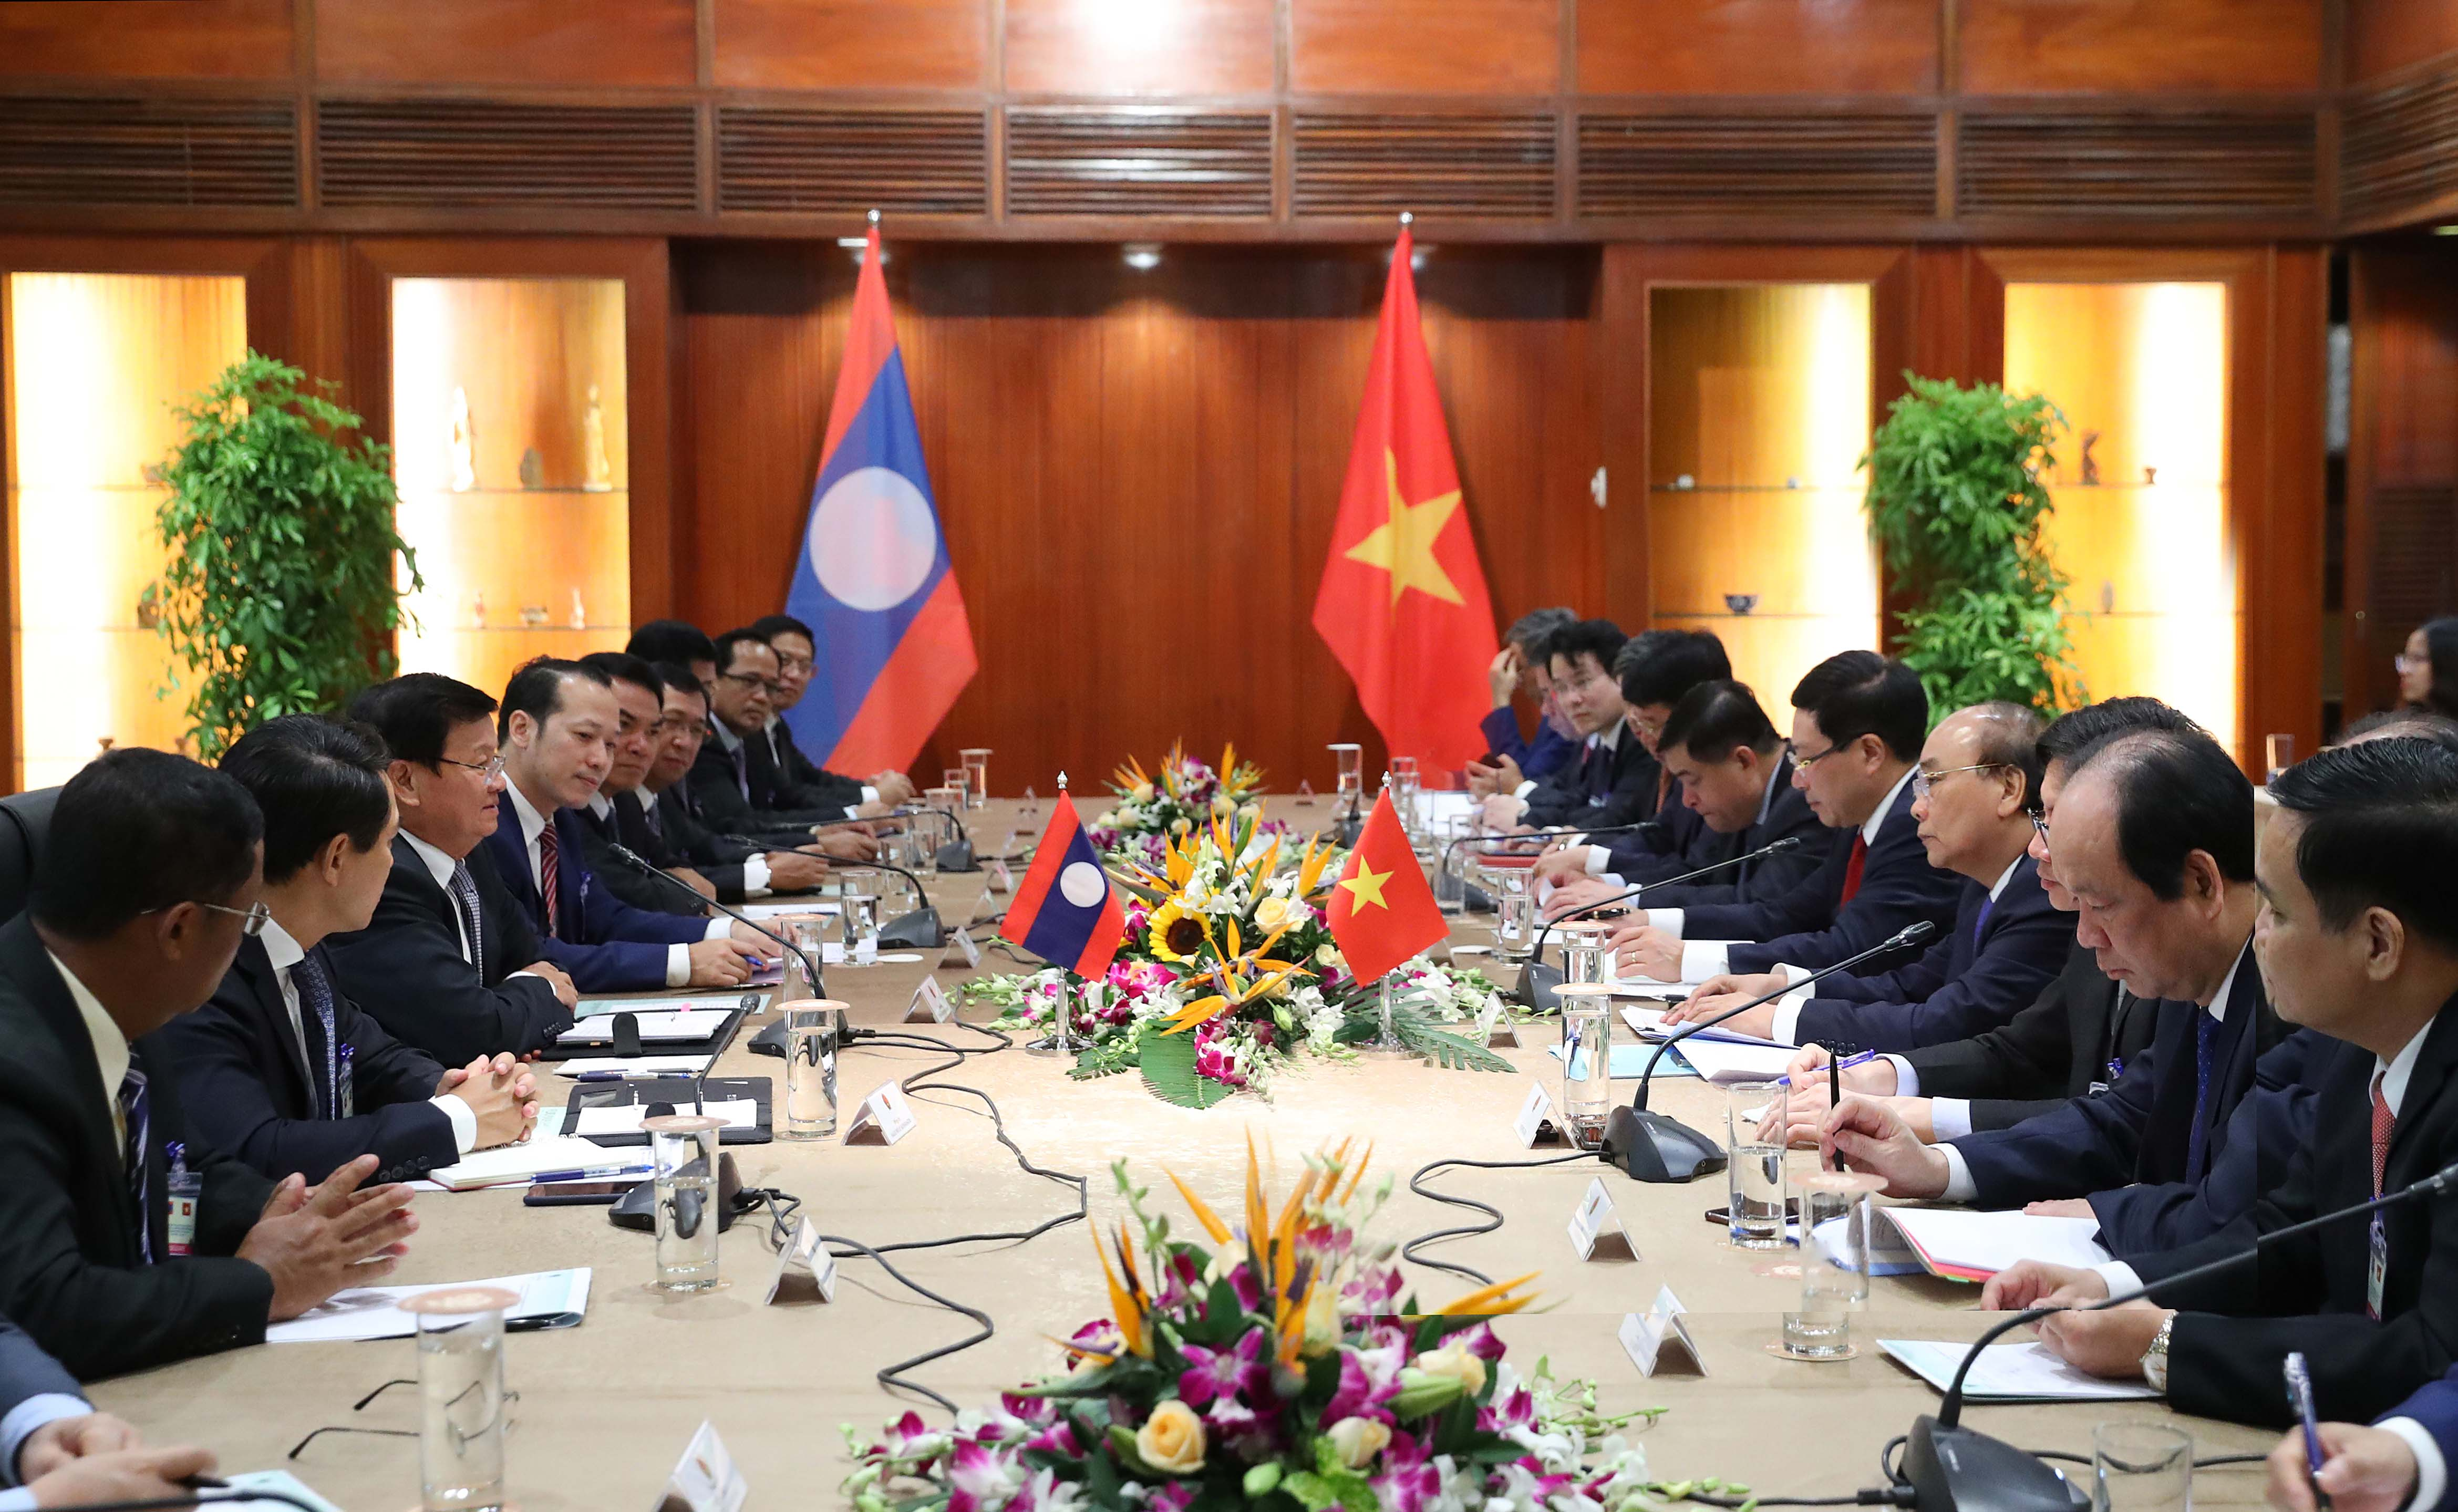 Đoàn đại biểu cấp cao Chính phủ Lào bắt đầu chuyến thăm Việt Nam